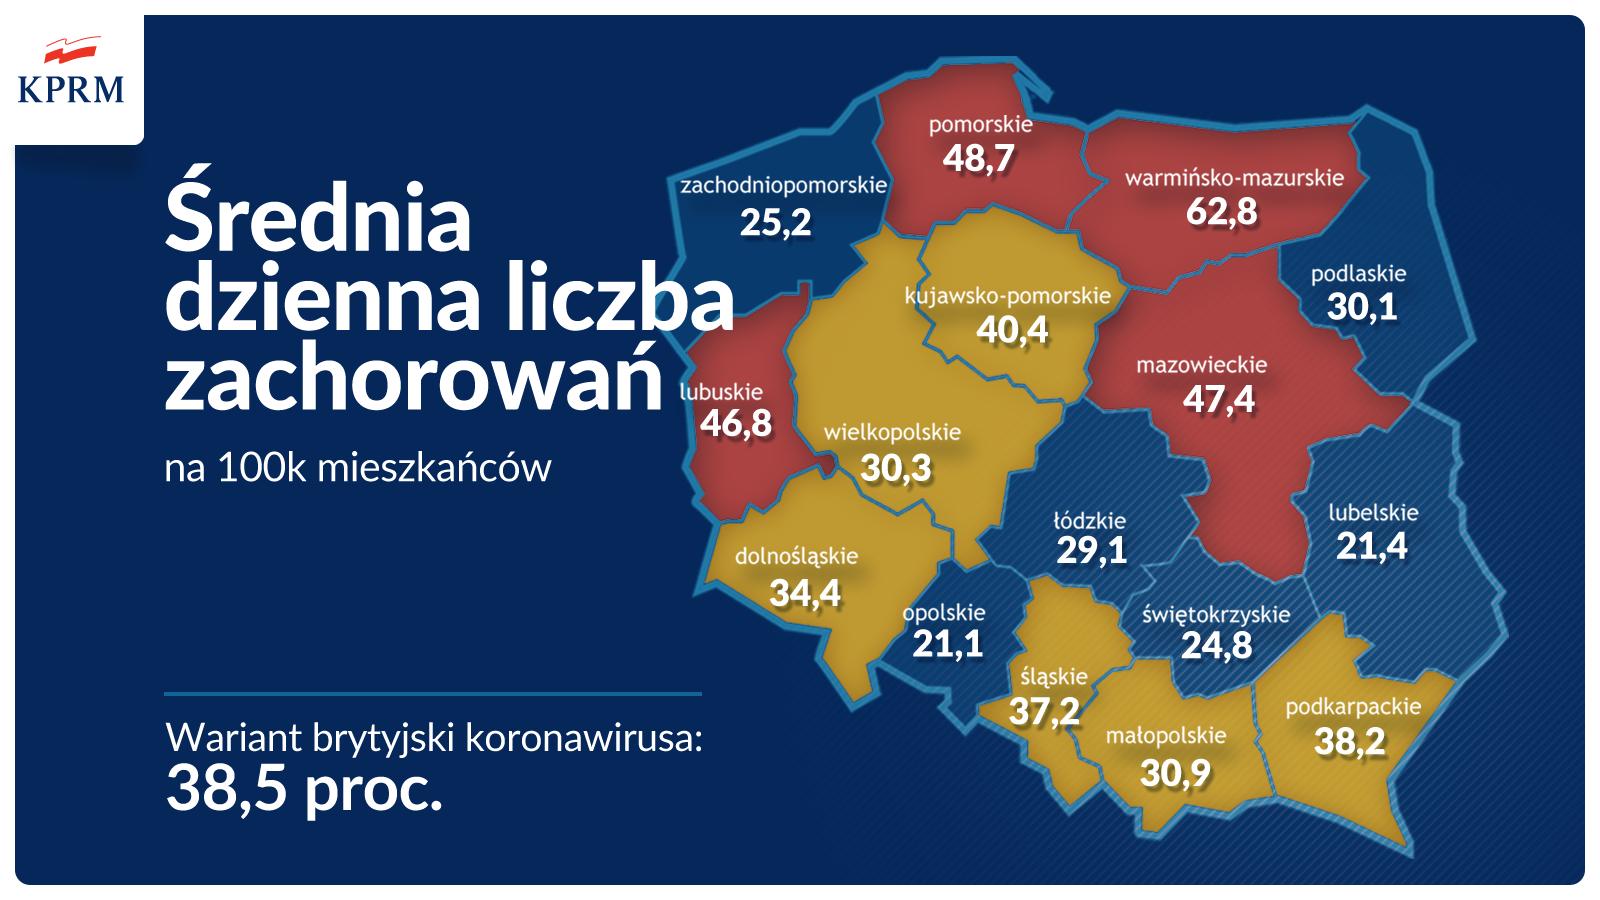 Mapa - średnia dzienna liczba zachorowań na 100k mieszkańców lubuskie - 46,8